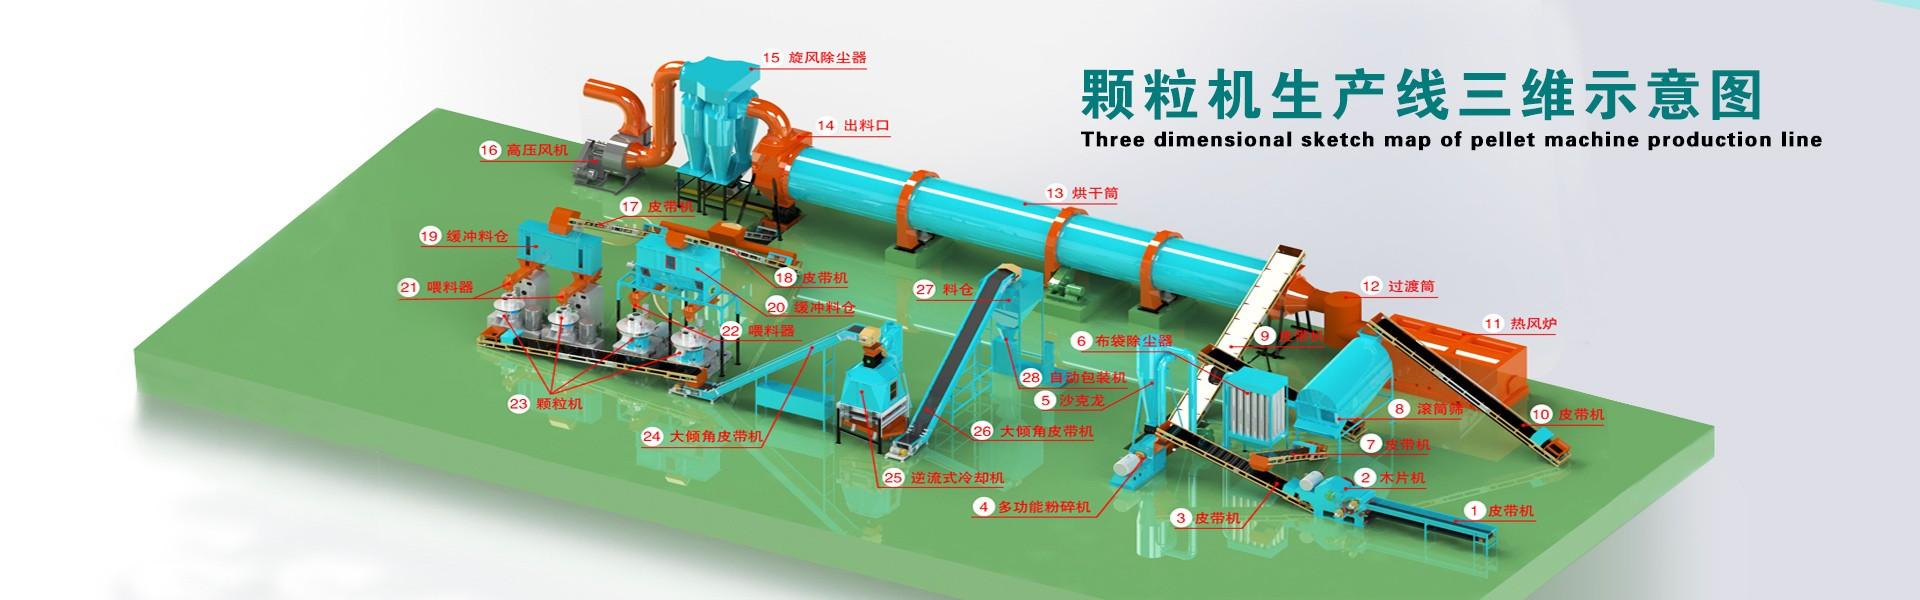 生物质颗粒机生产线设备示意图